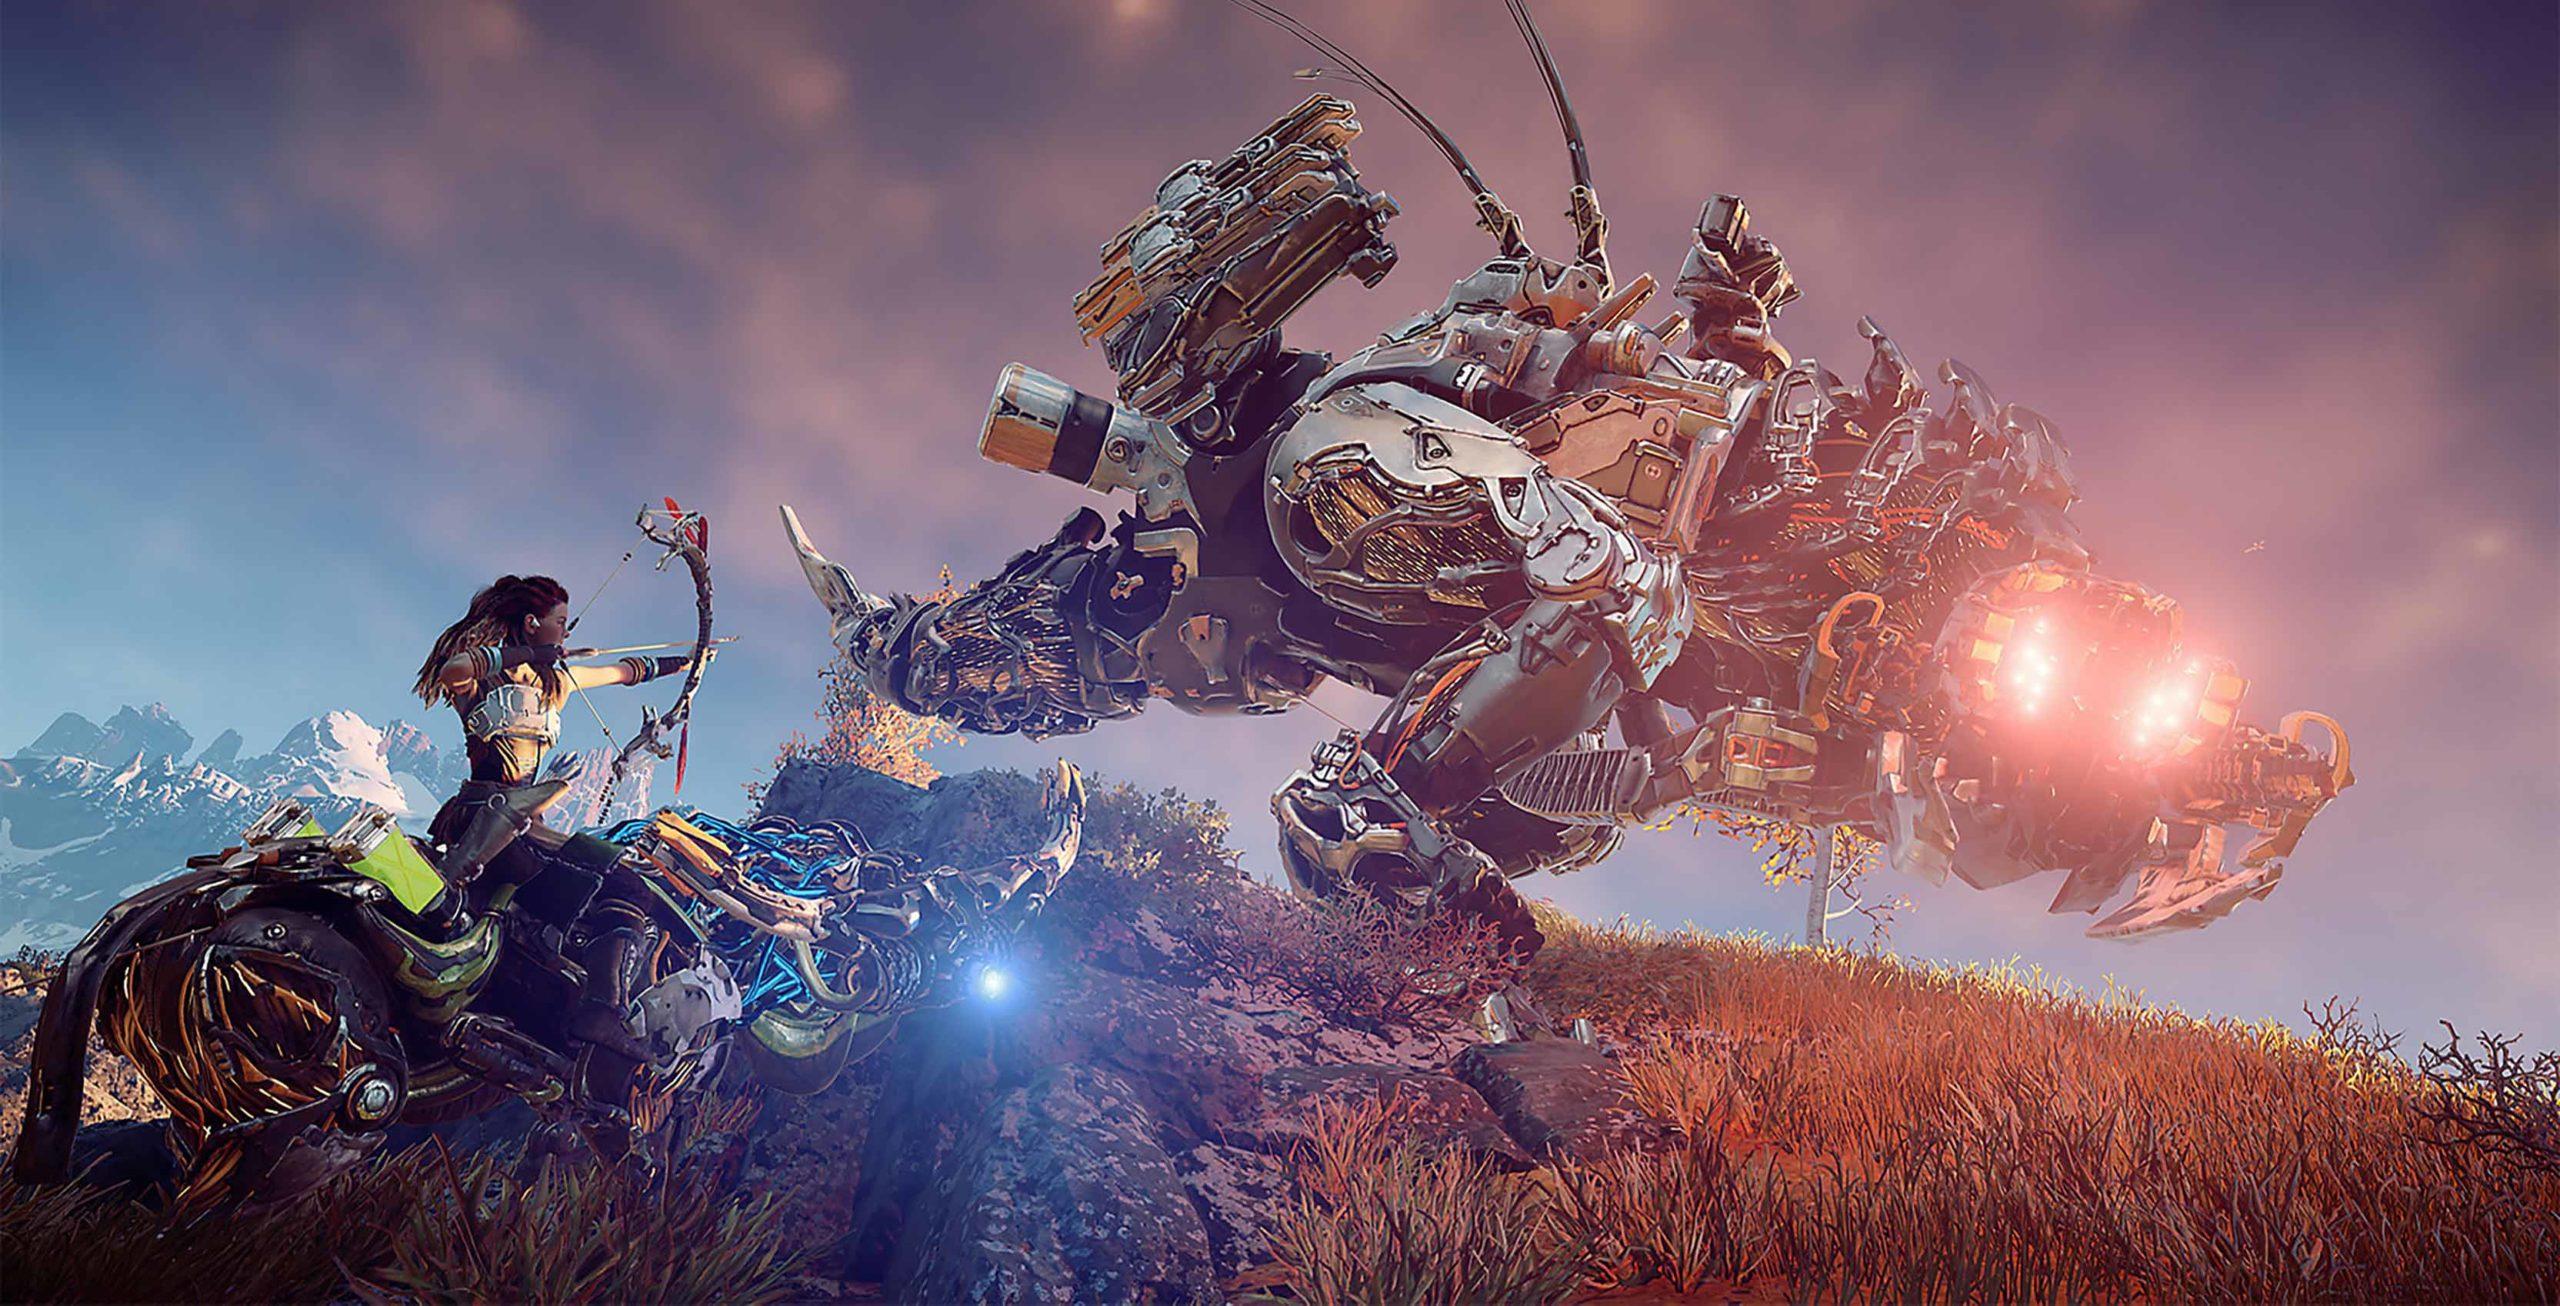 Horizon: Zero Dawn Aloy vs. robot